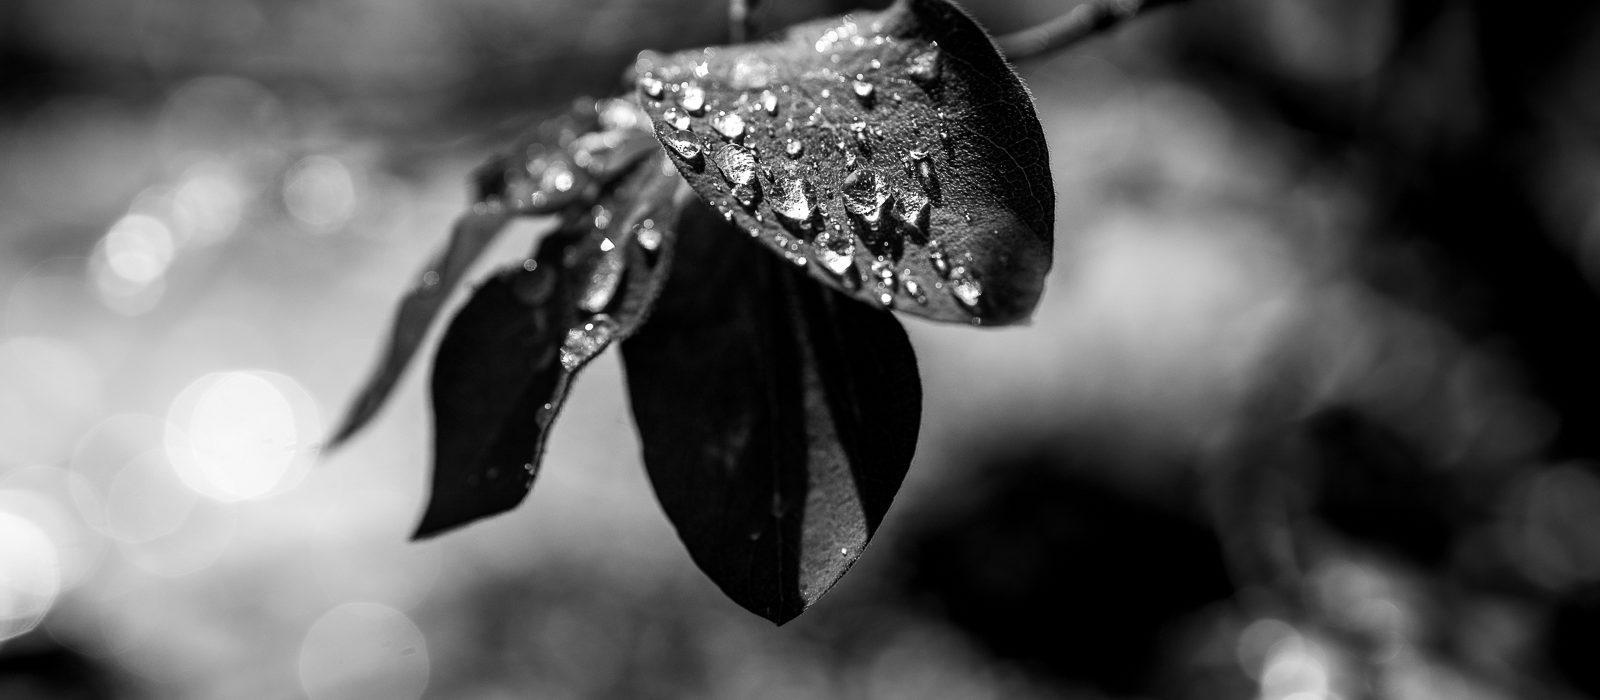 Morgentau in schwarzweiß | Norbert Eder Photography